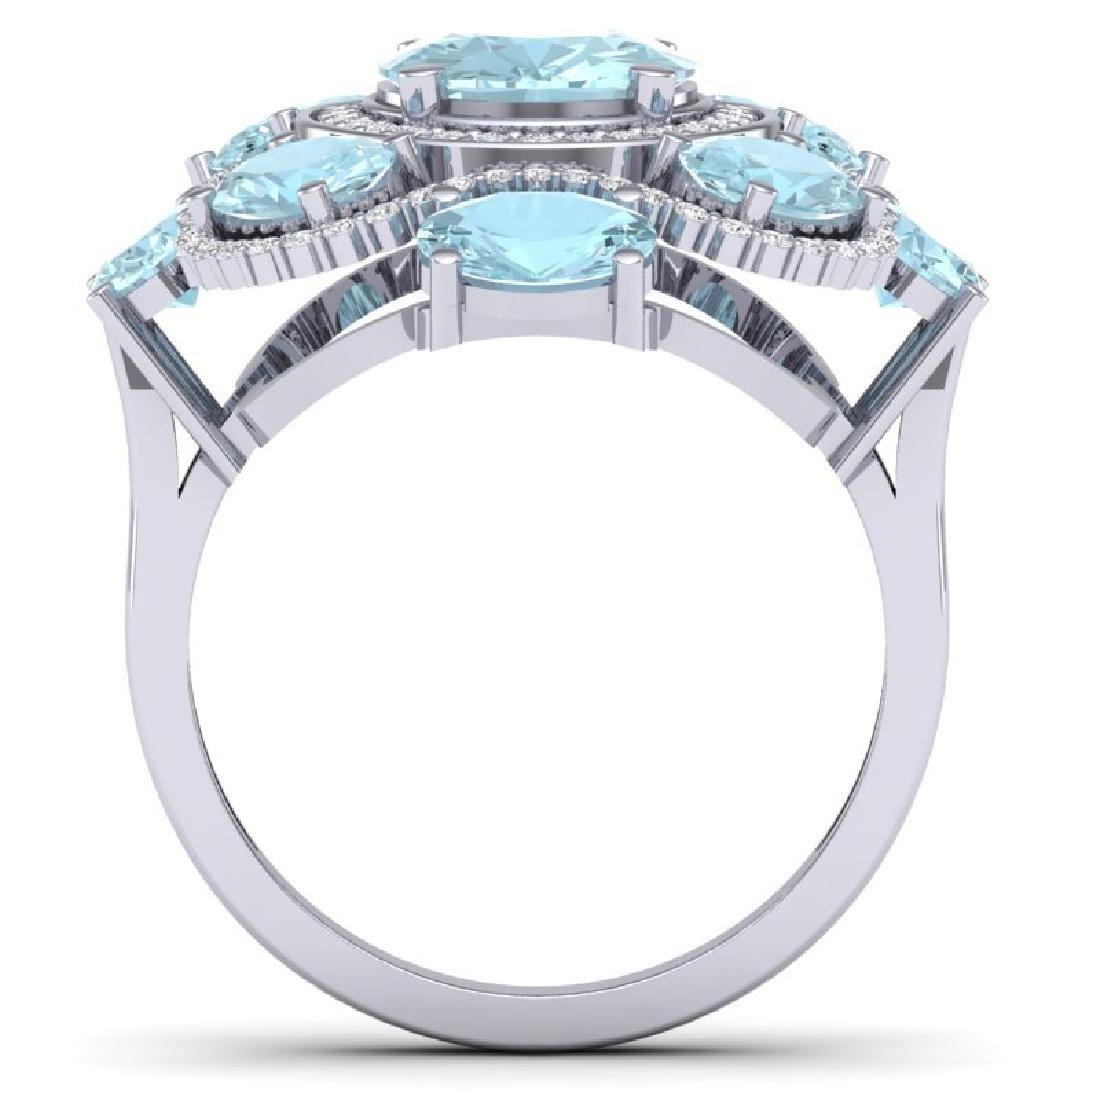 9.26 CTW Royalty Sky Topaz & VS Diamond Ring 18K White - 3